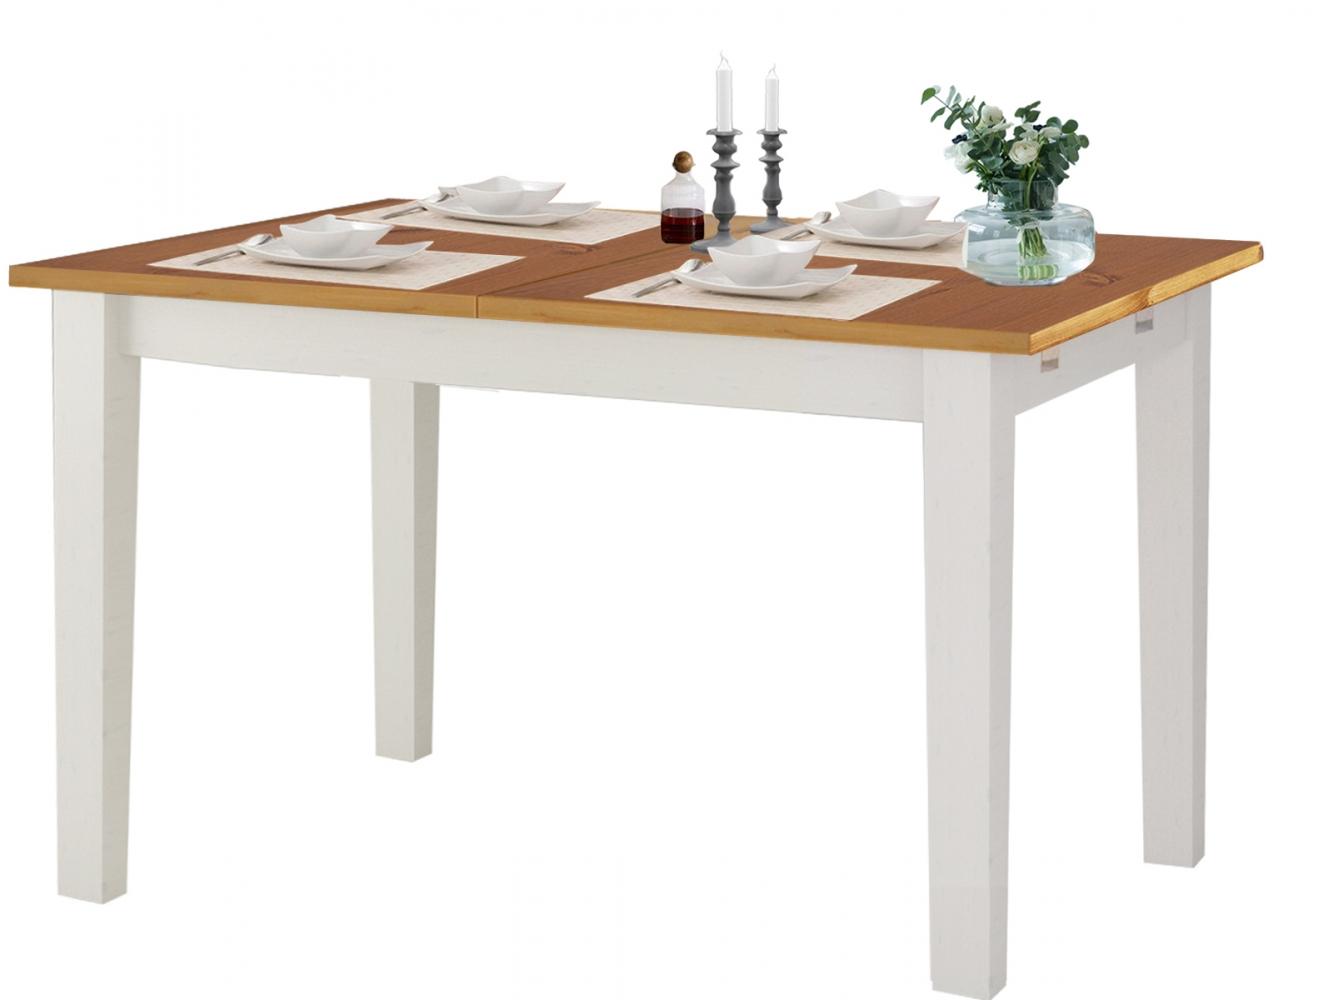 Jídelní stůl Disa, 120 cm, bílá / borovice